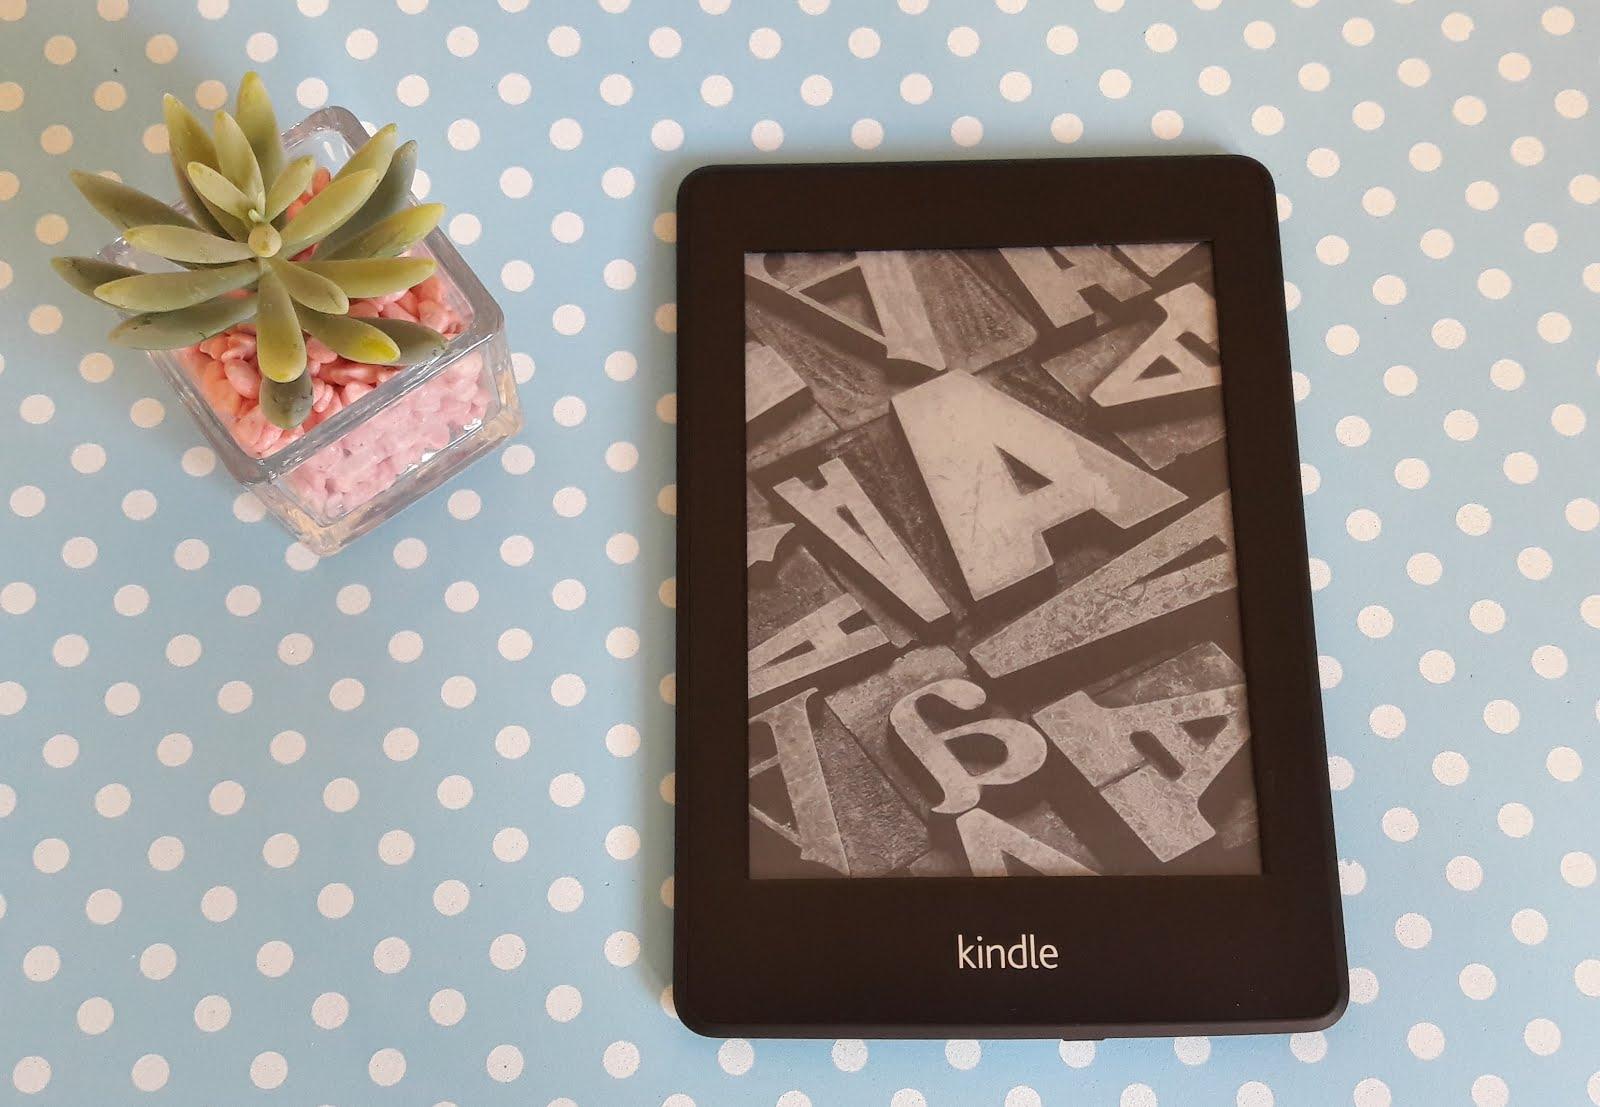 Foto do leitor de ebooks Kindle com uma planta suculenta ao lado